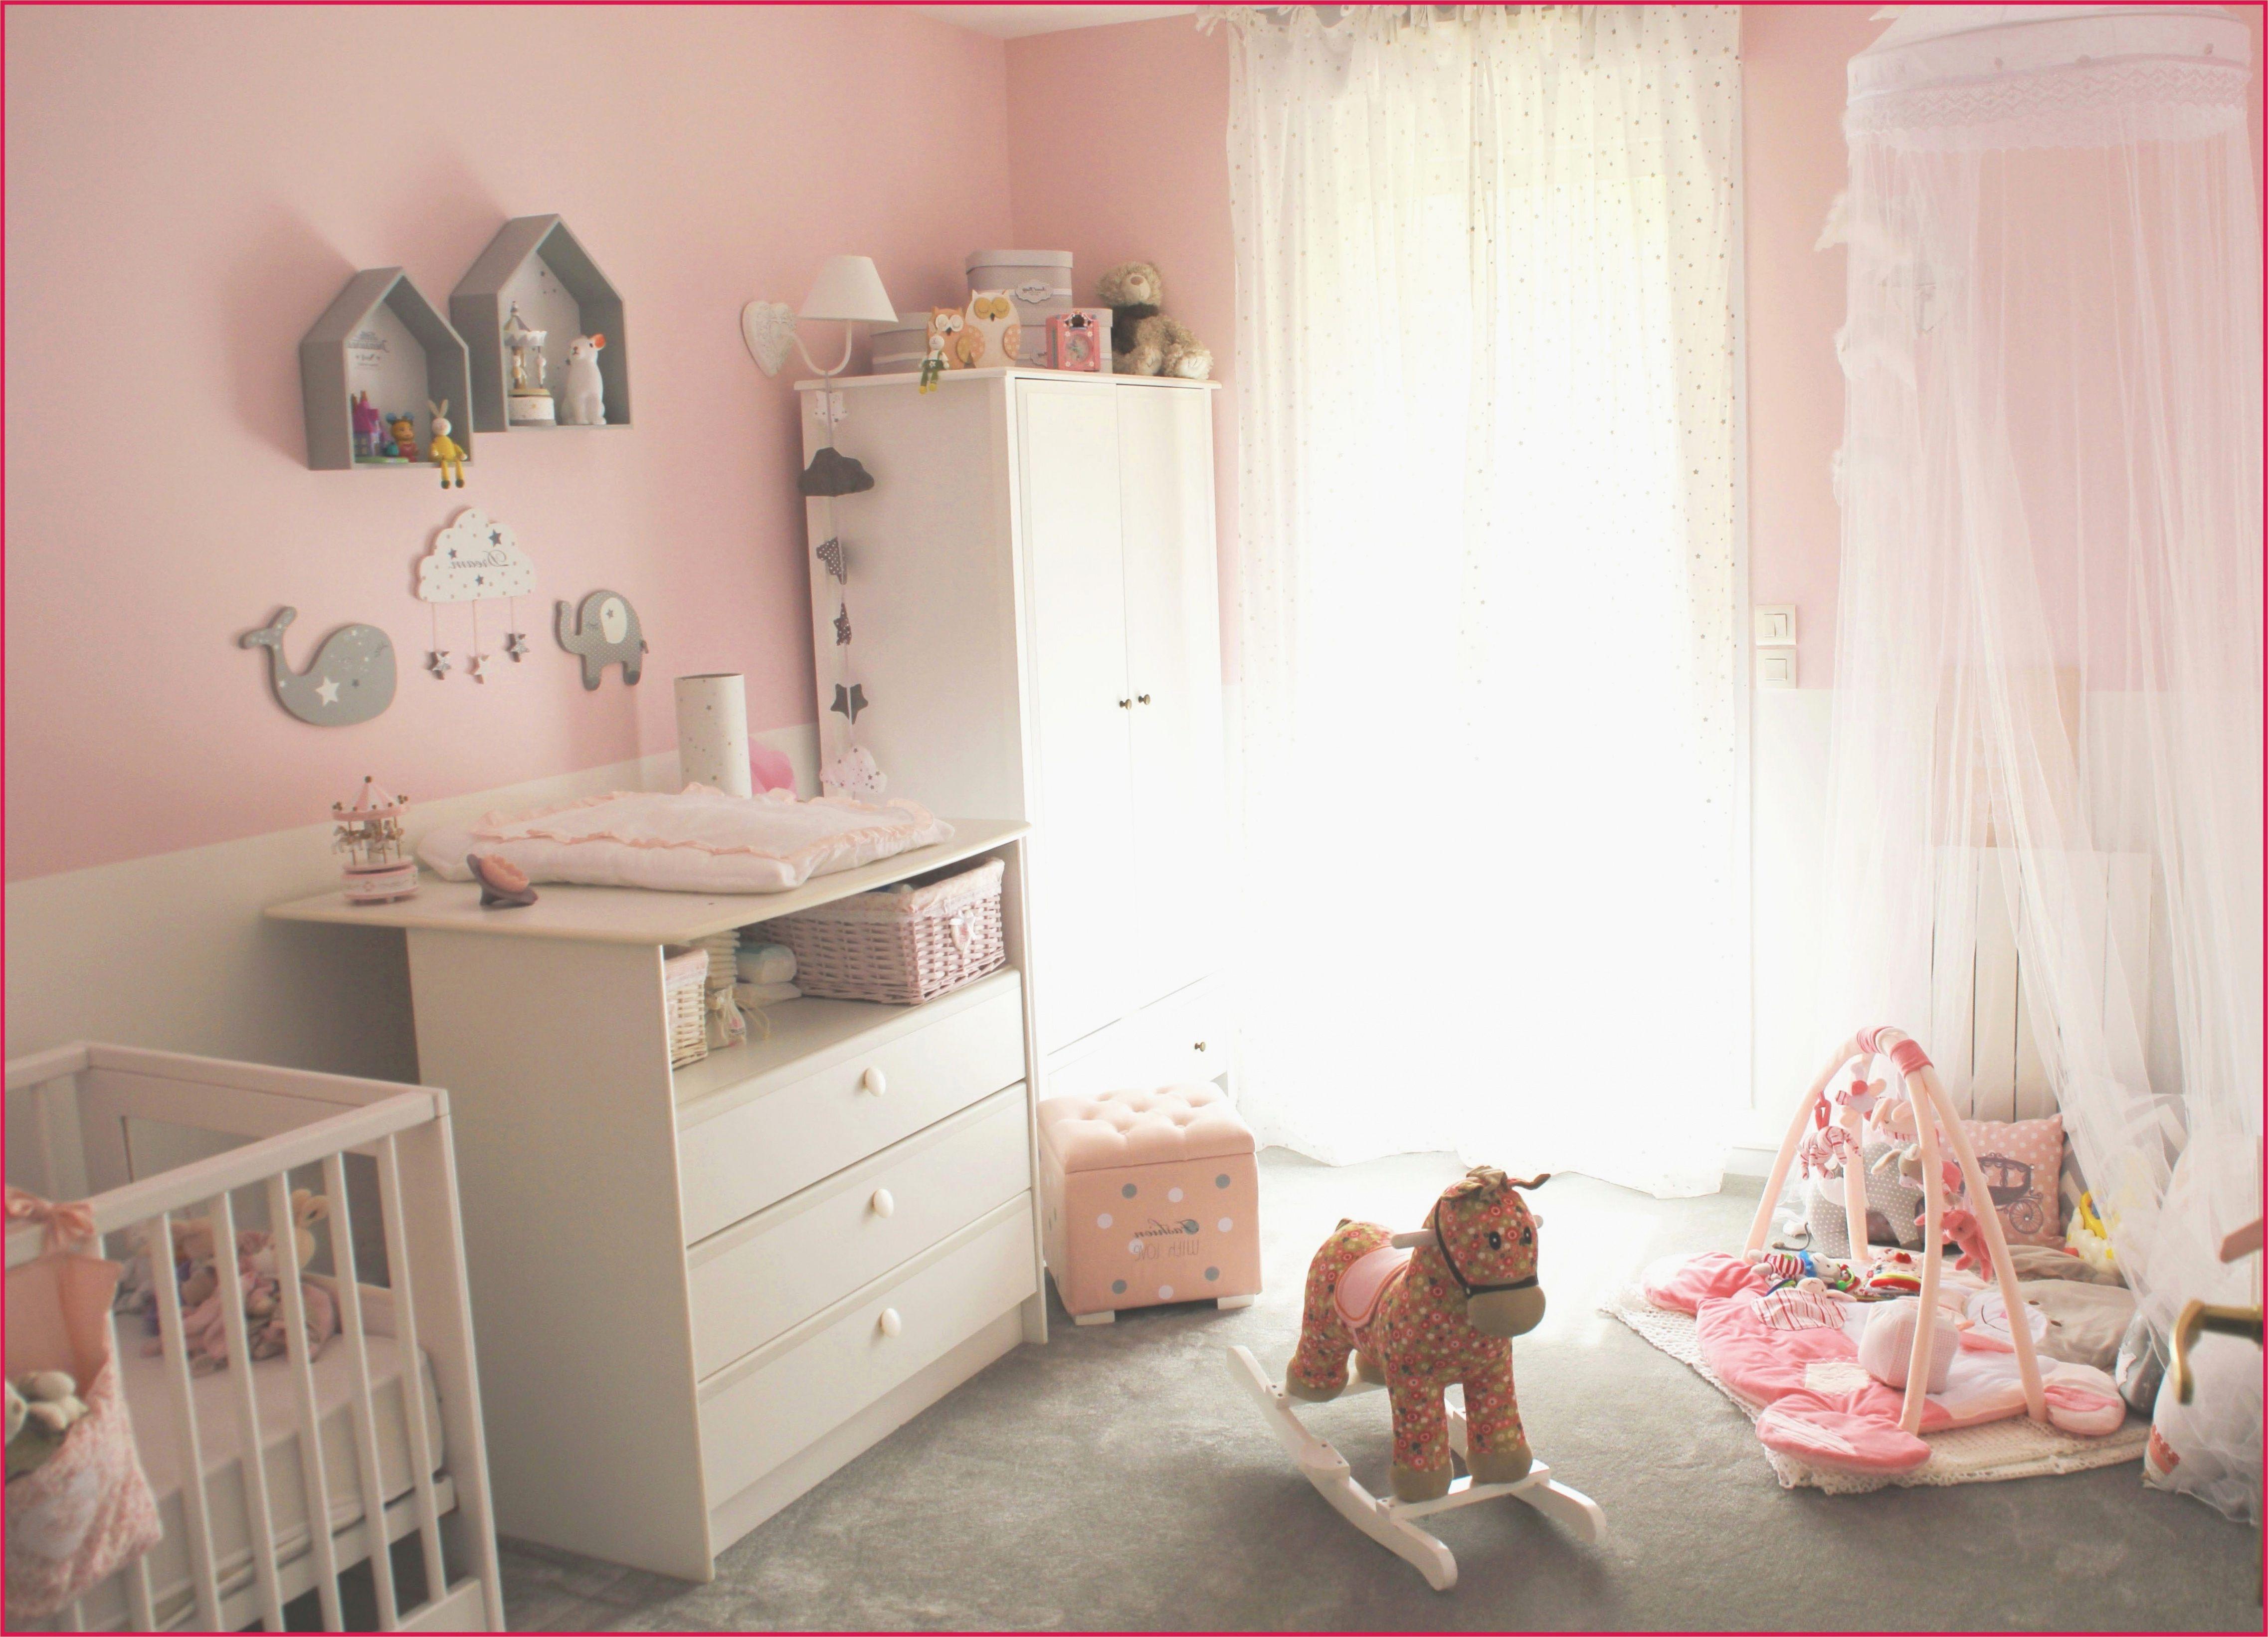 Lit Bébé Pas Cher Fraîche Chambre Bébé Pas Chere Unique Chambre De Bébé Fille Chambre De Bébé